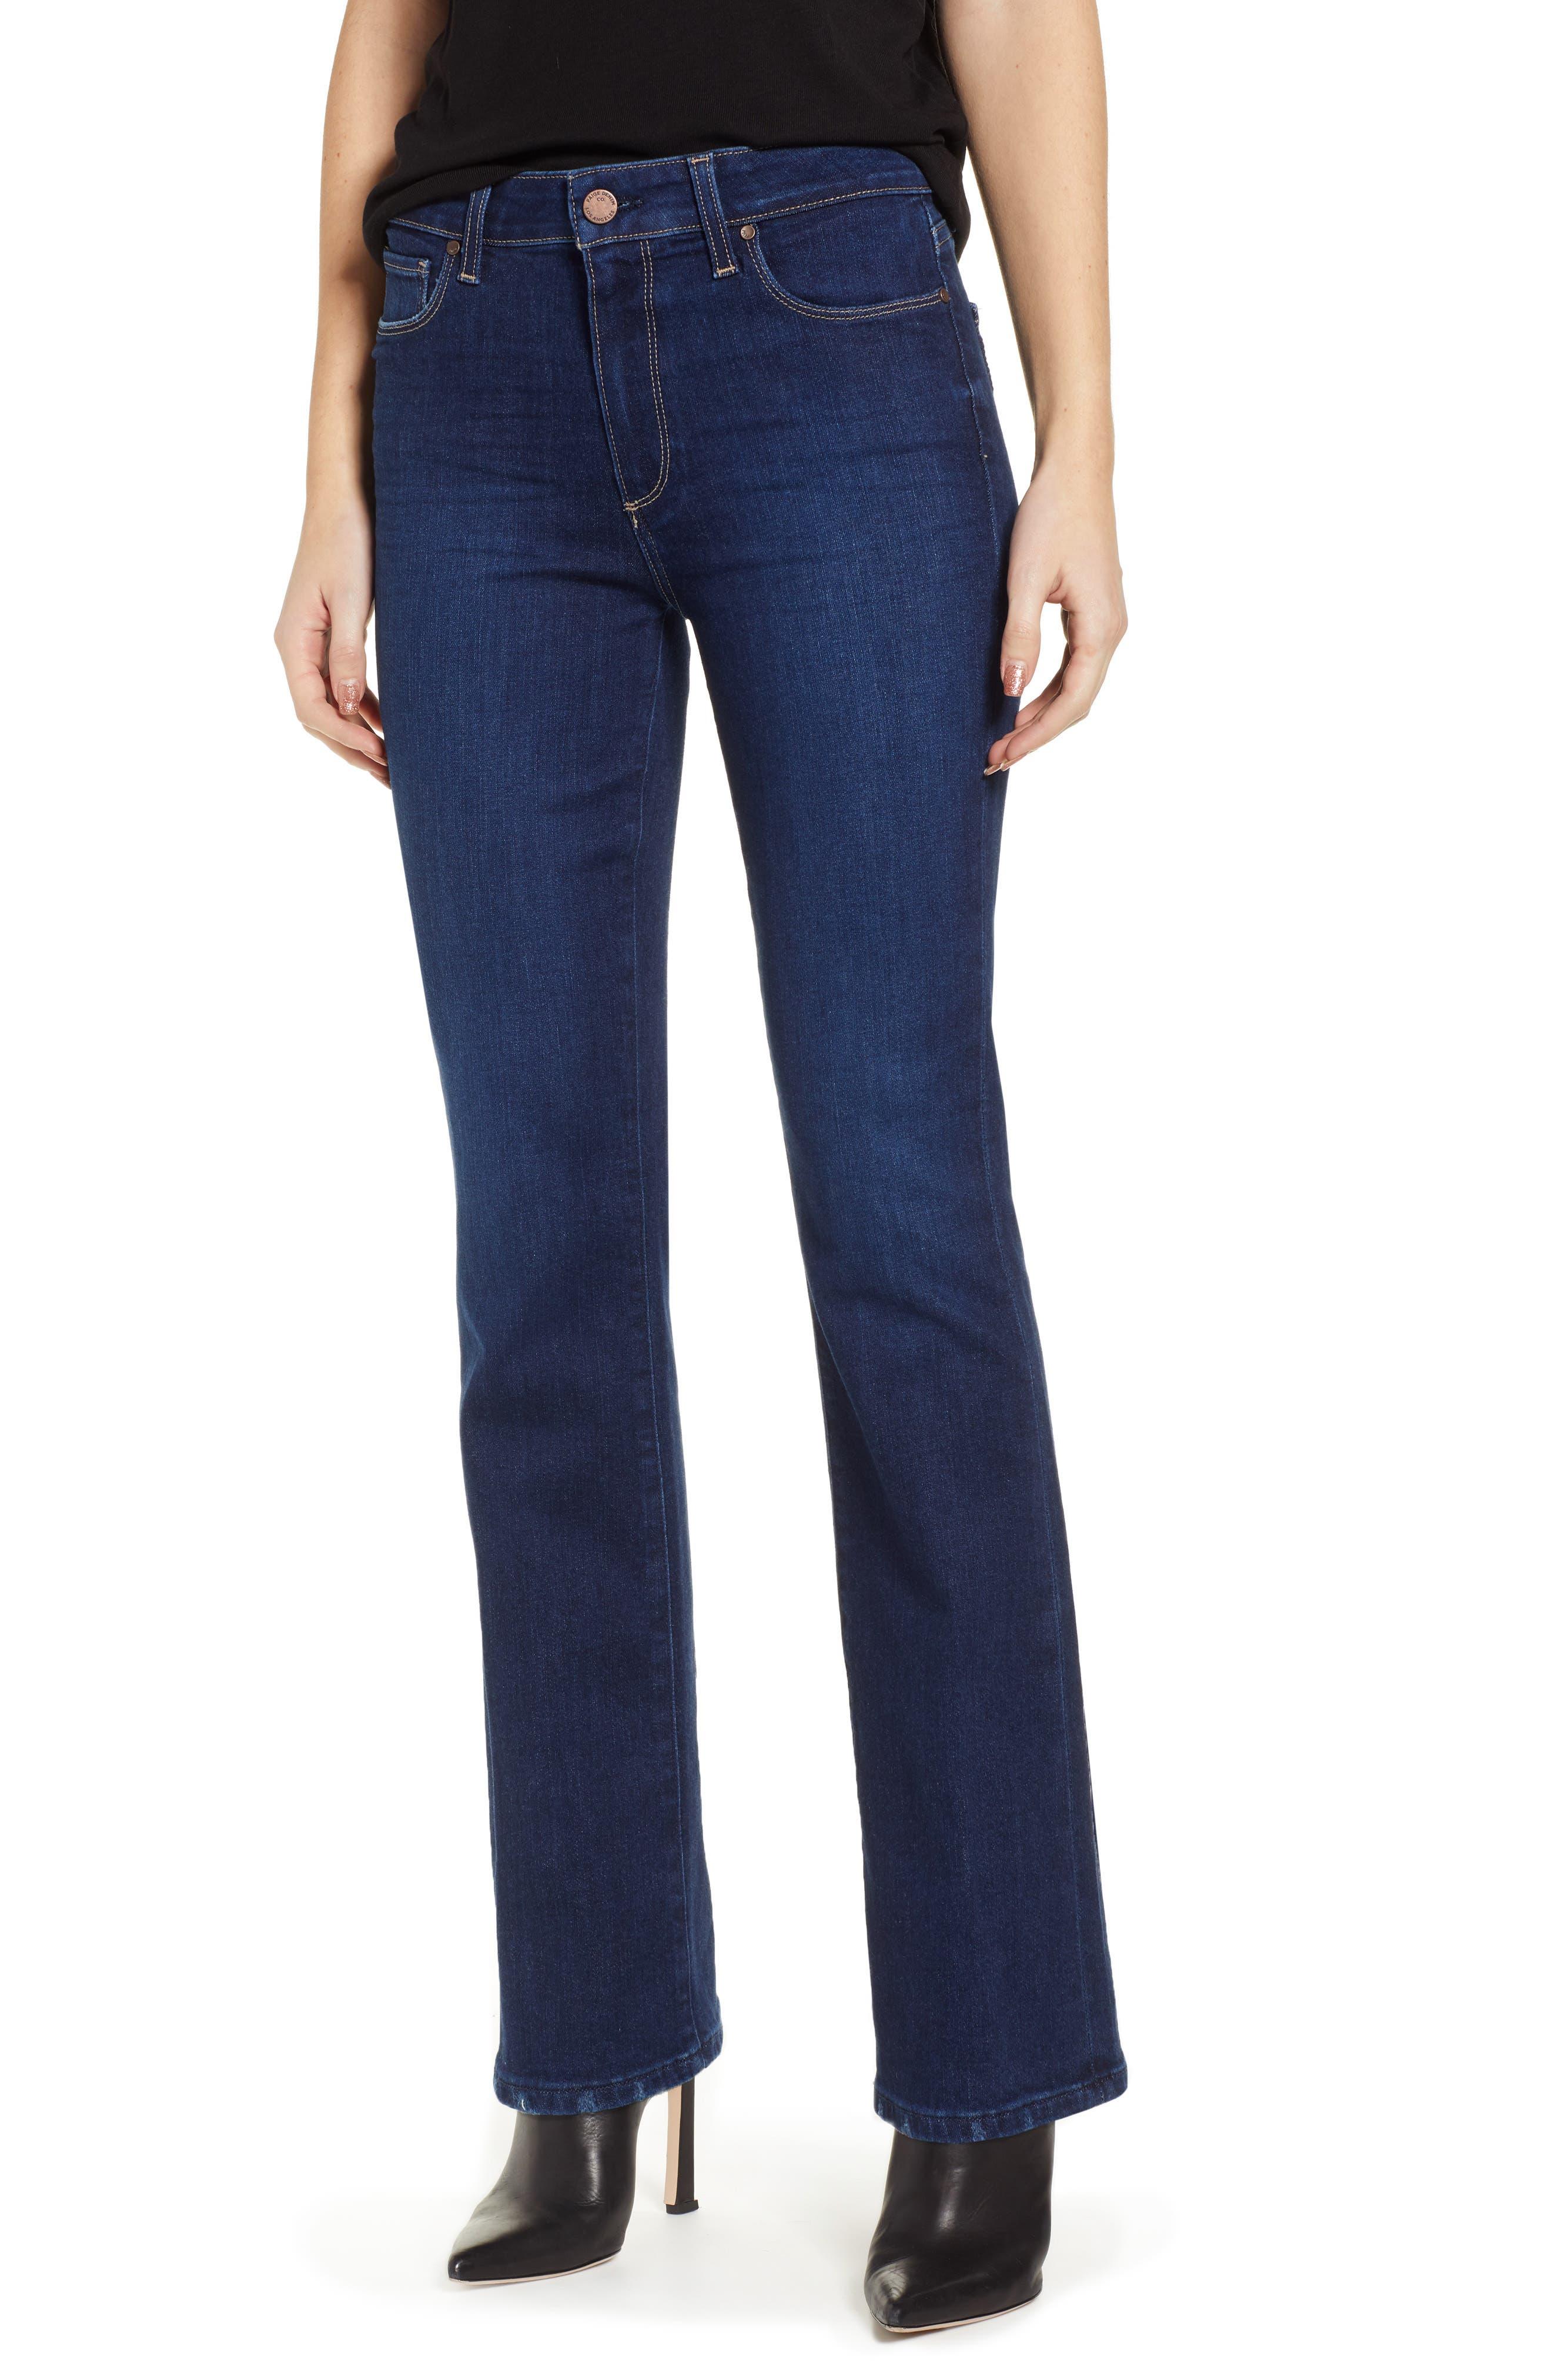 PAIGE, Transcend Vintage - Manhattan High Waist Bootcut Jeans, Main thumbnail 1, color, 400